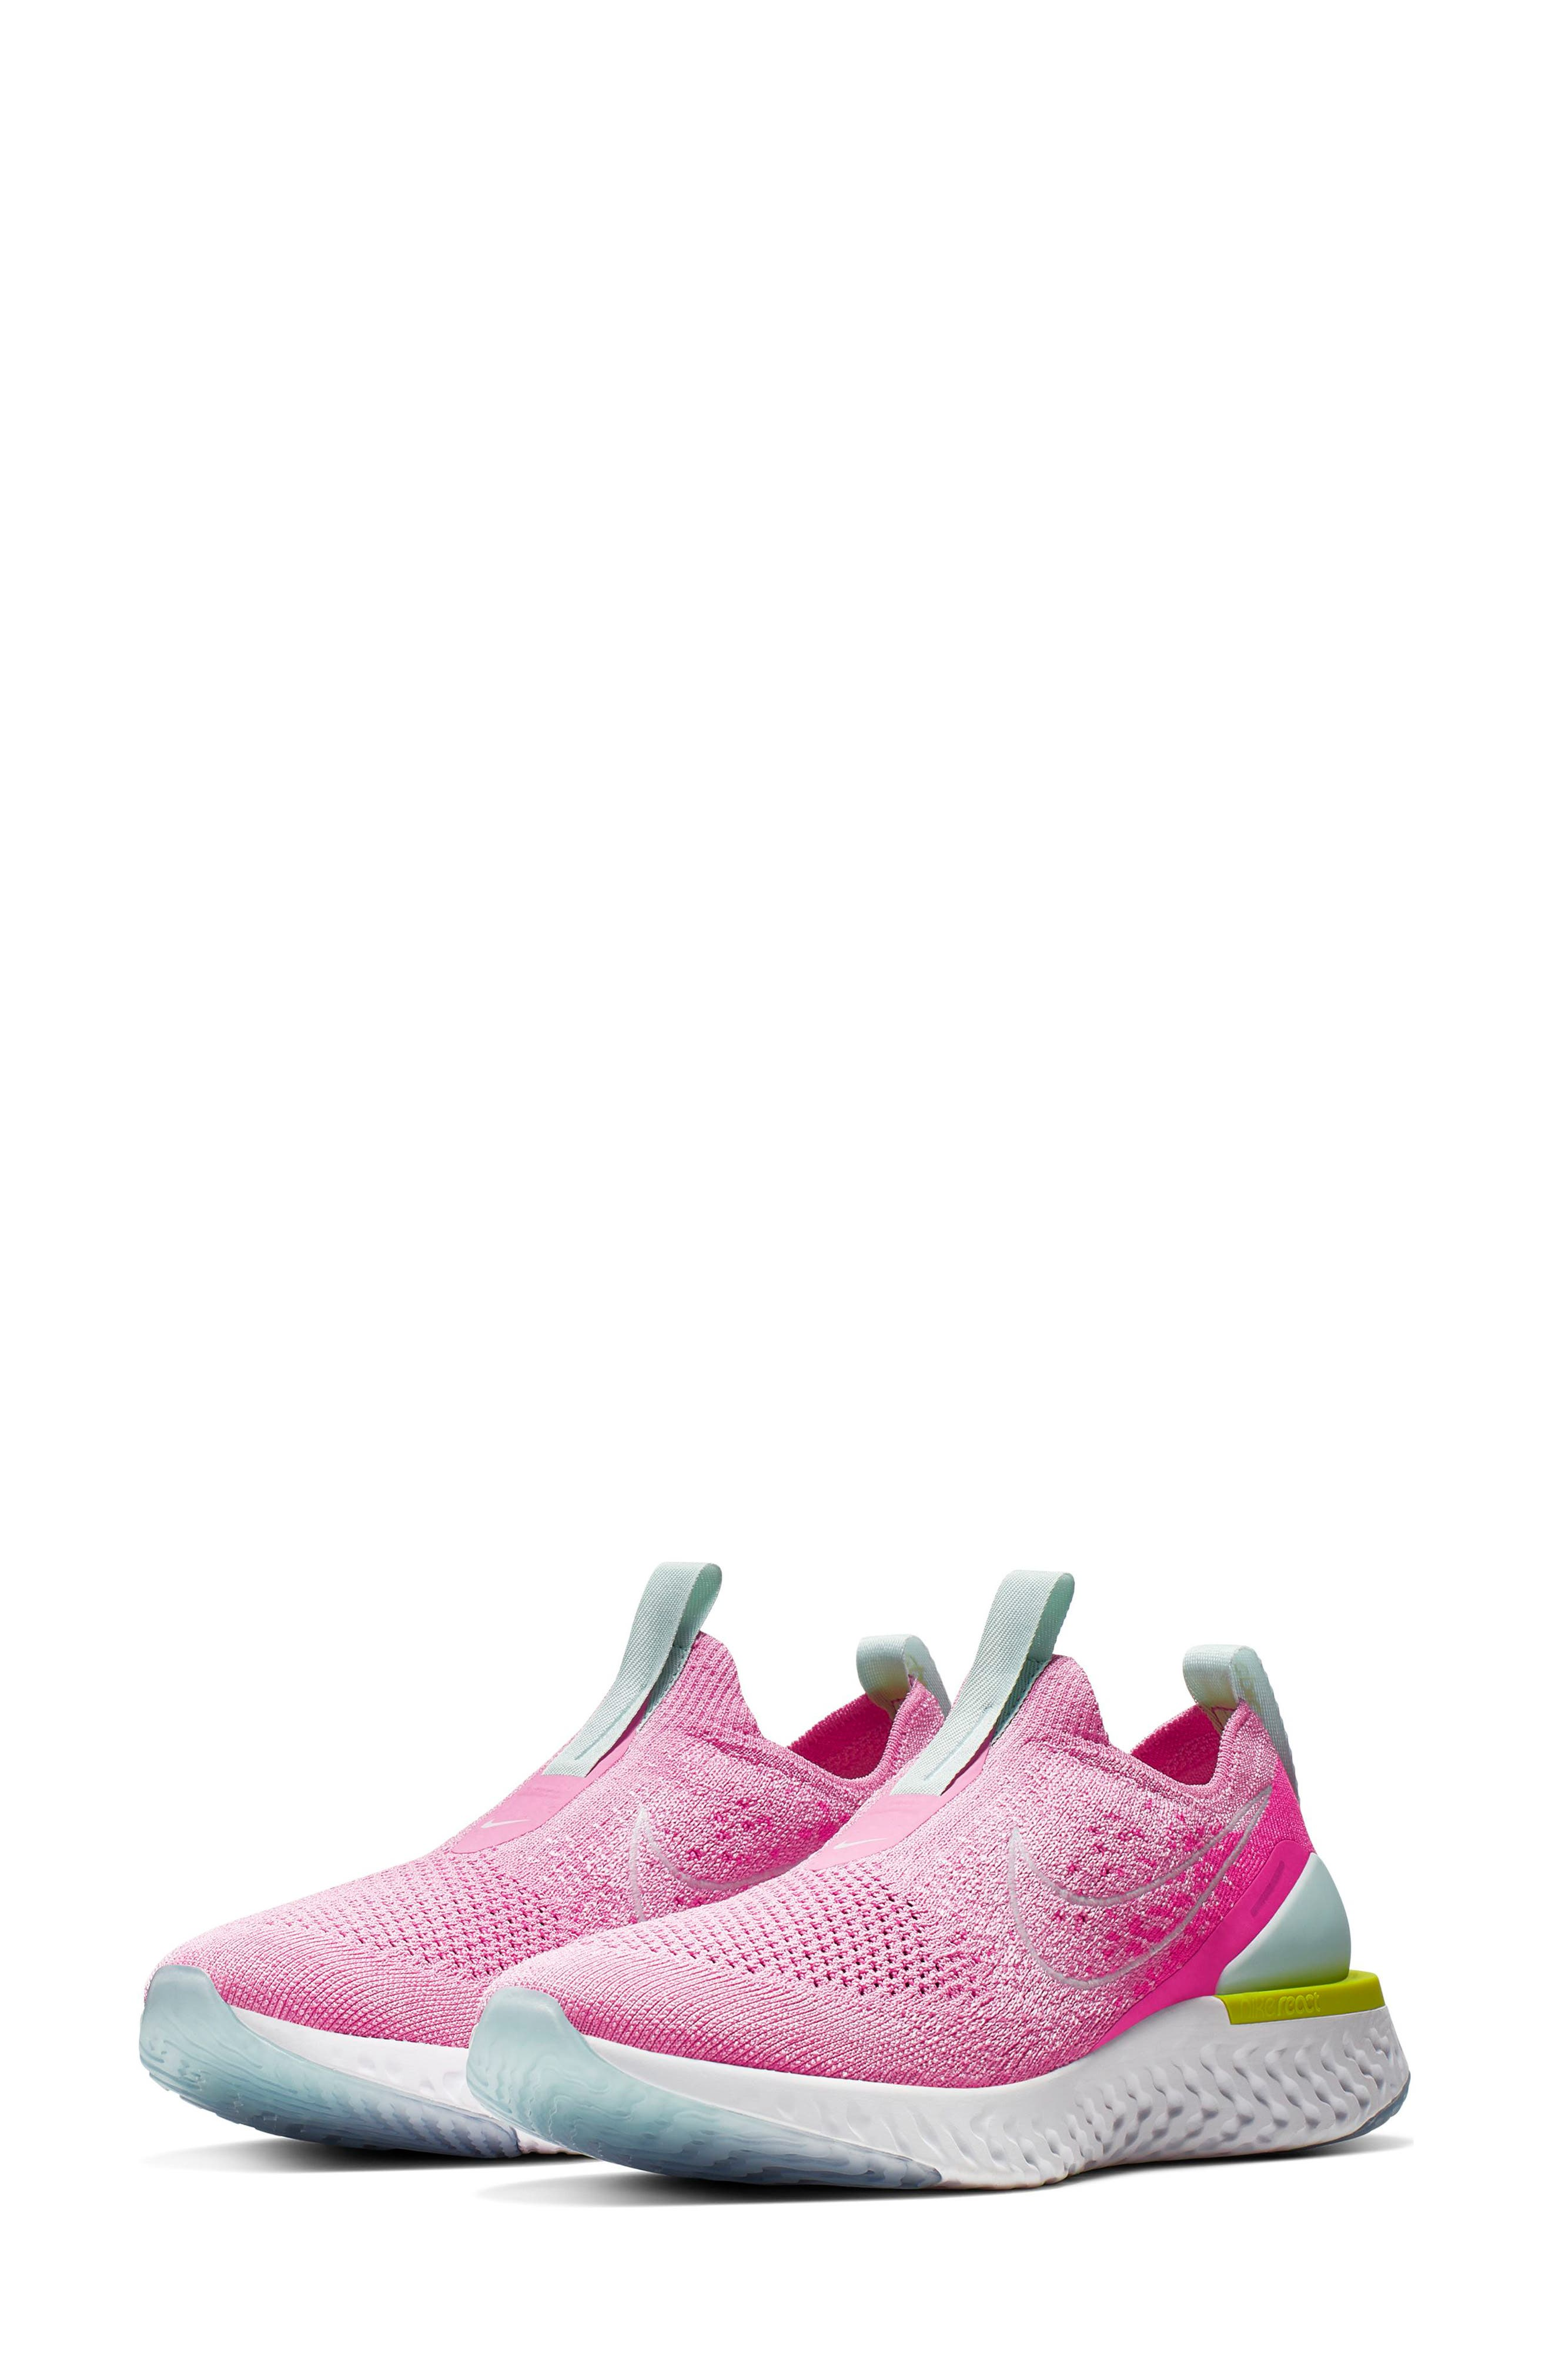 Nike Epic Phantom React Running Shoe